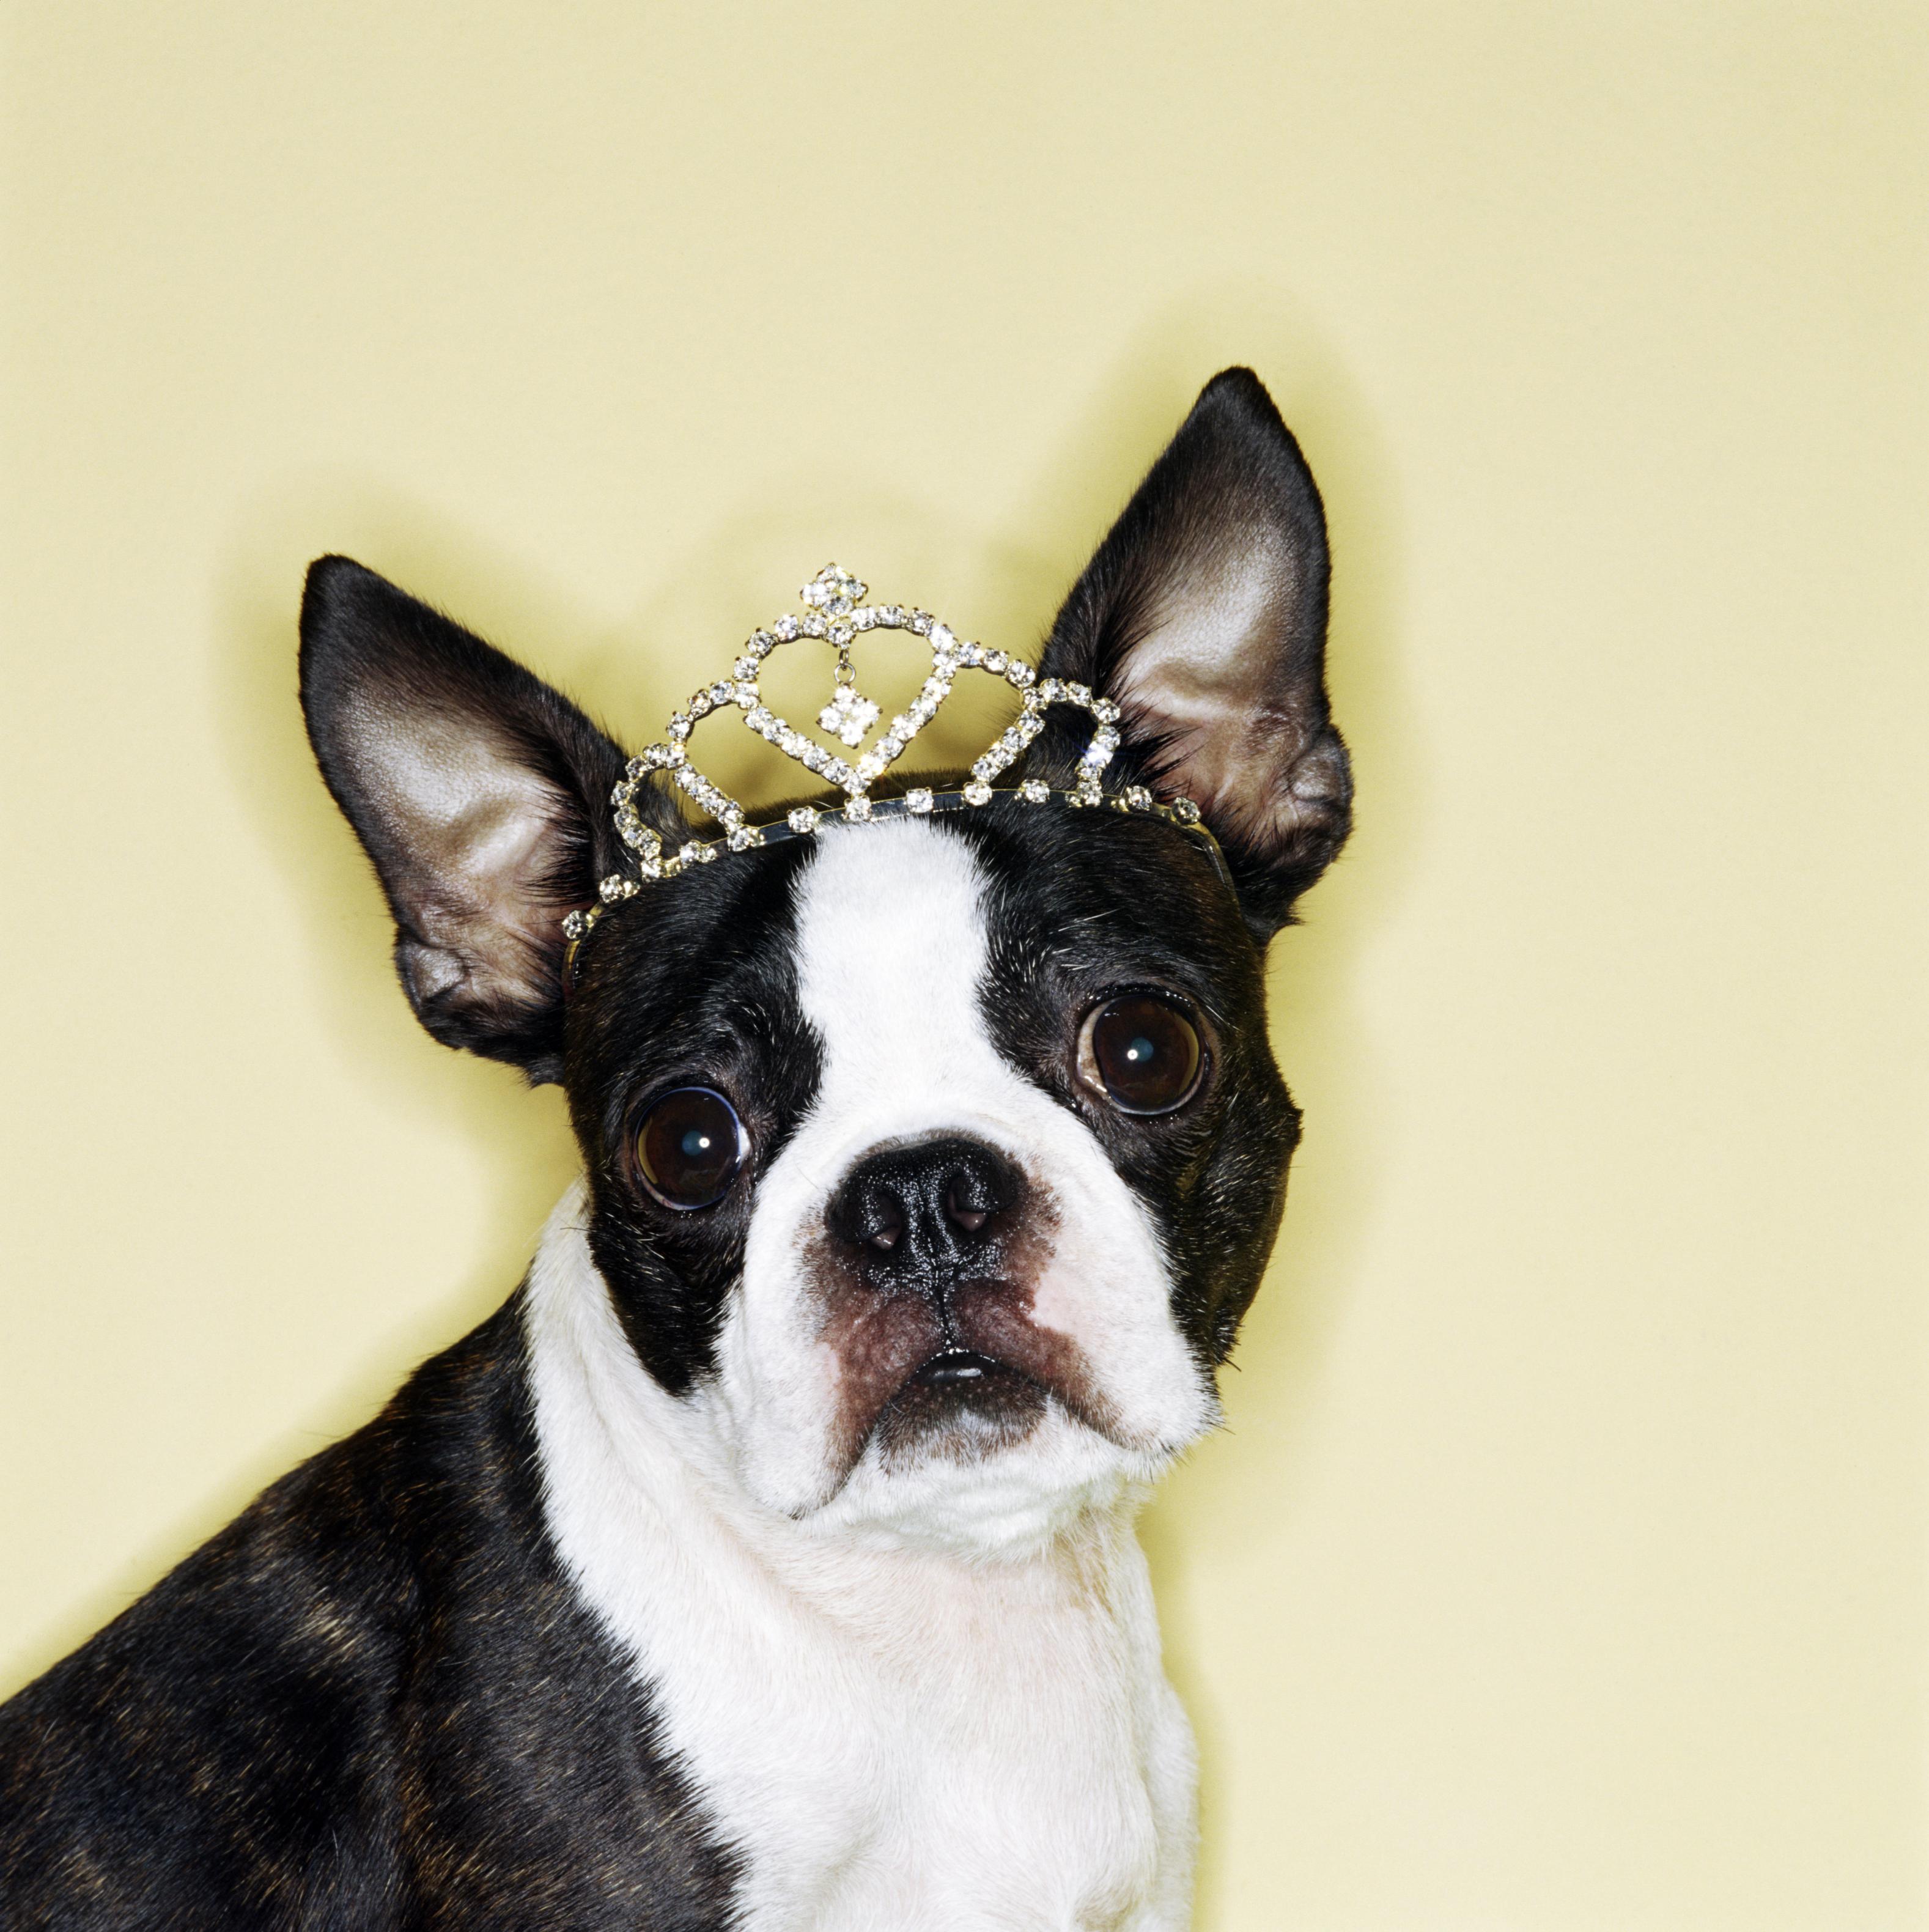 Dog wearing tiara